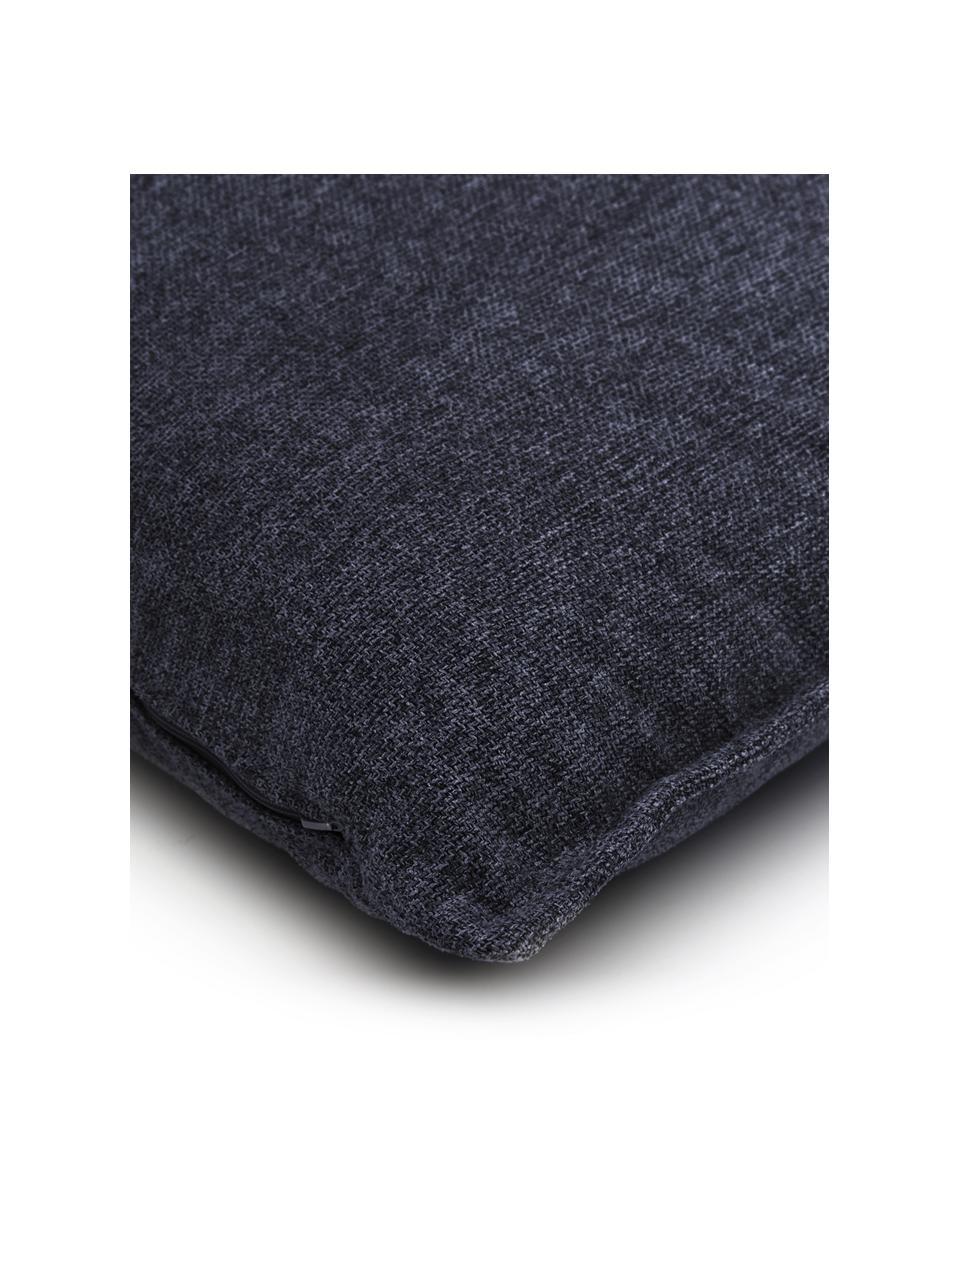 Sofa-Kissen Lennon in Dunkelblau, Bezug: 100% Polyester, Webstoff Blau, 60 x 60 cm